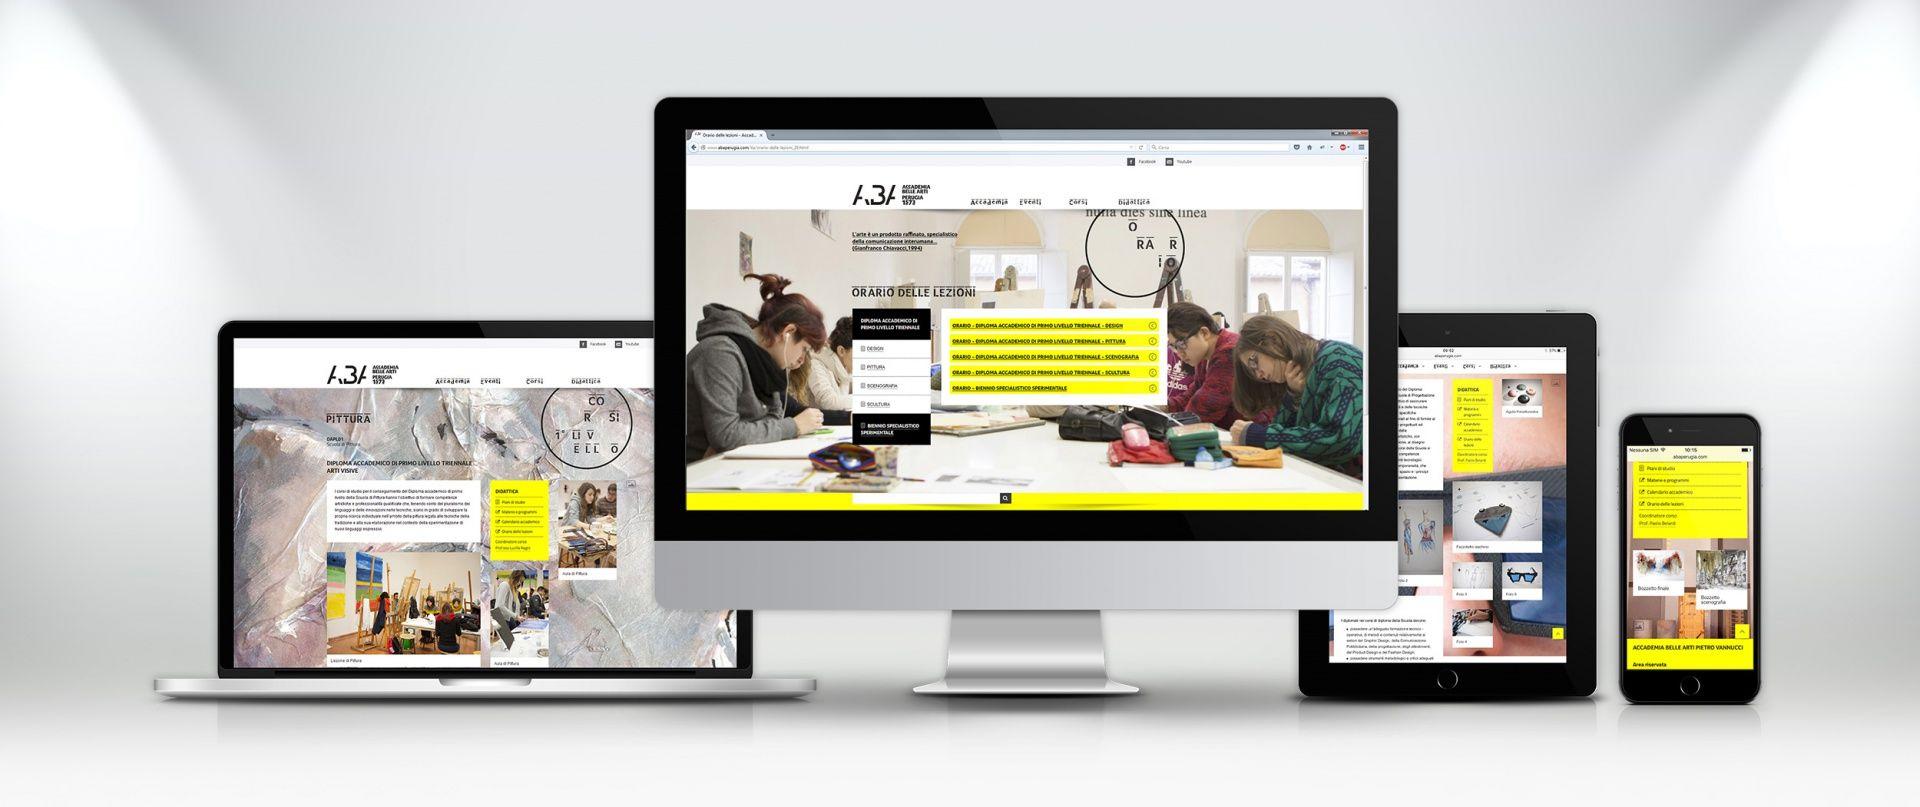 ABA - Accademia delle Belle Arti di Perugia. An iconic design for a stunning website.  Check it out --> http://www.sesinet.com/it/realizzazione-app-perugia_3/siti-design-responsive-perugia_15.html